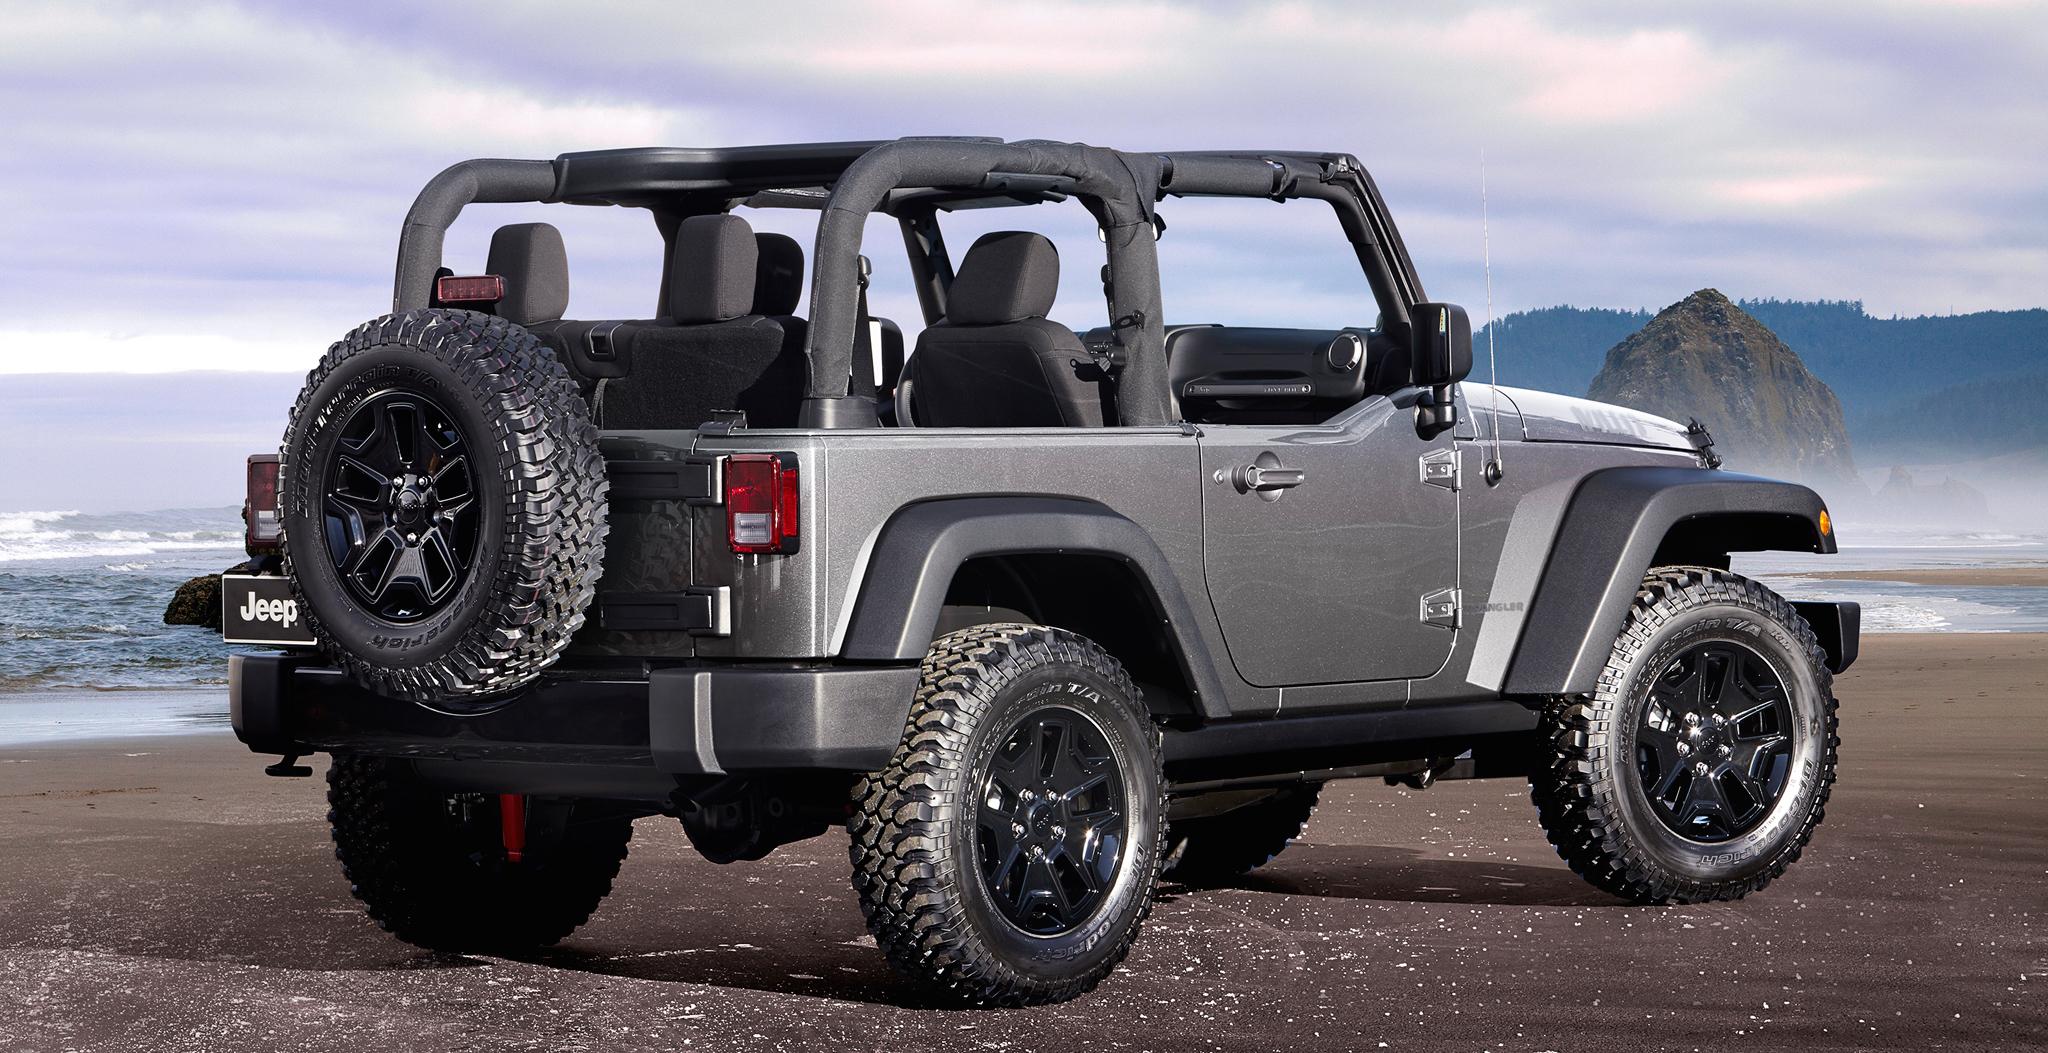 Silver 2015 Jeep Wrangler on mountain beach